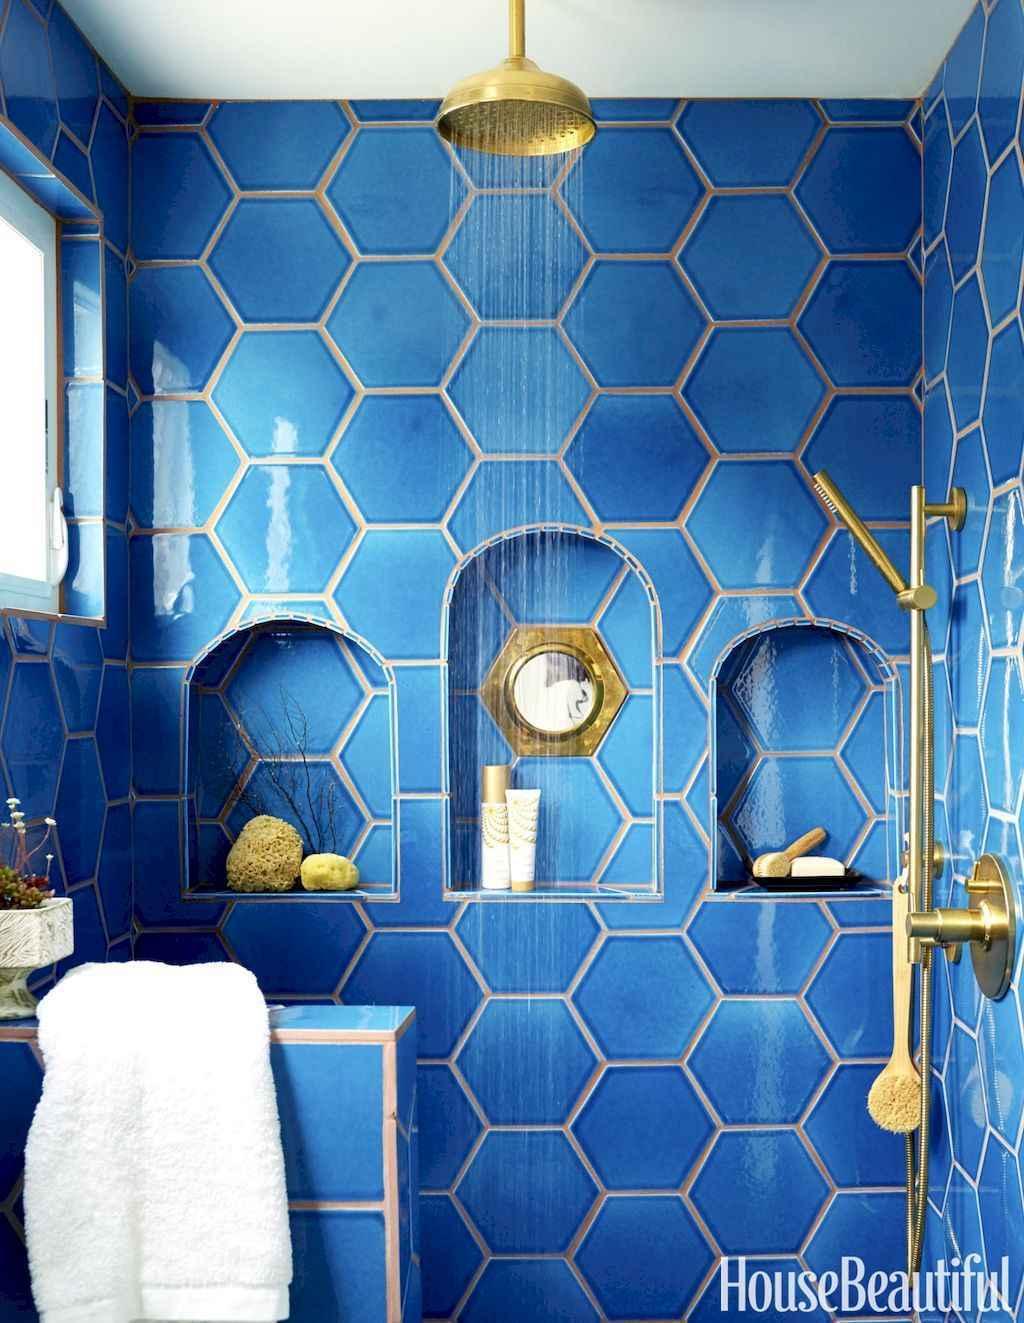 80 stunning tile shower designs ideas for bathroom remodel (13)